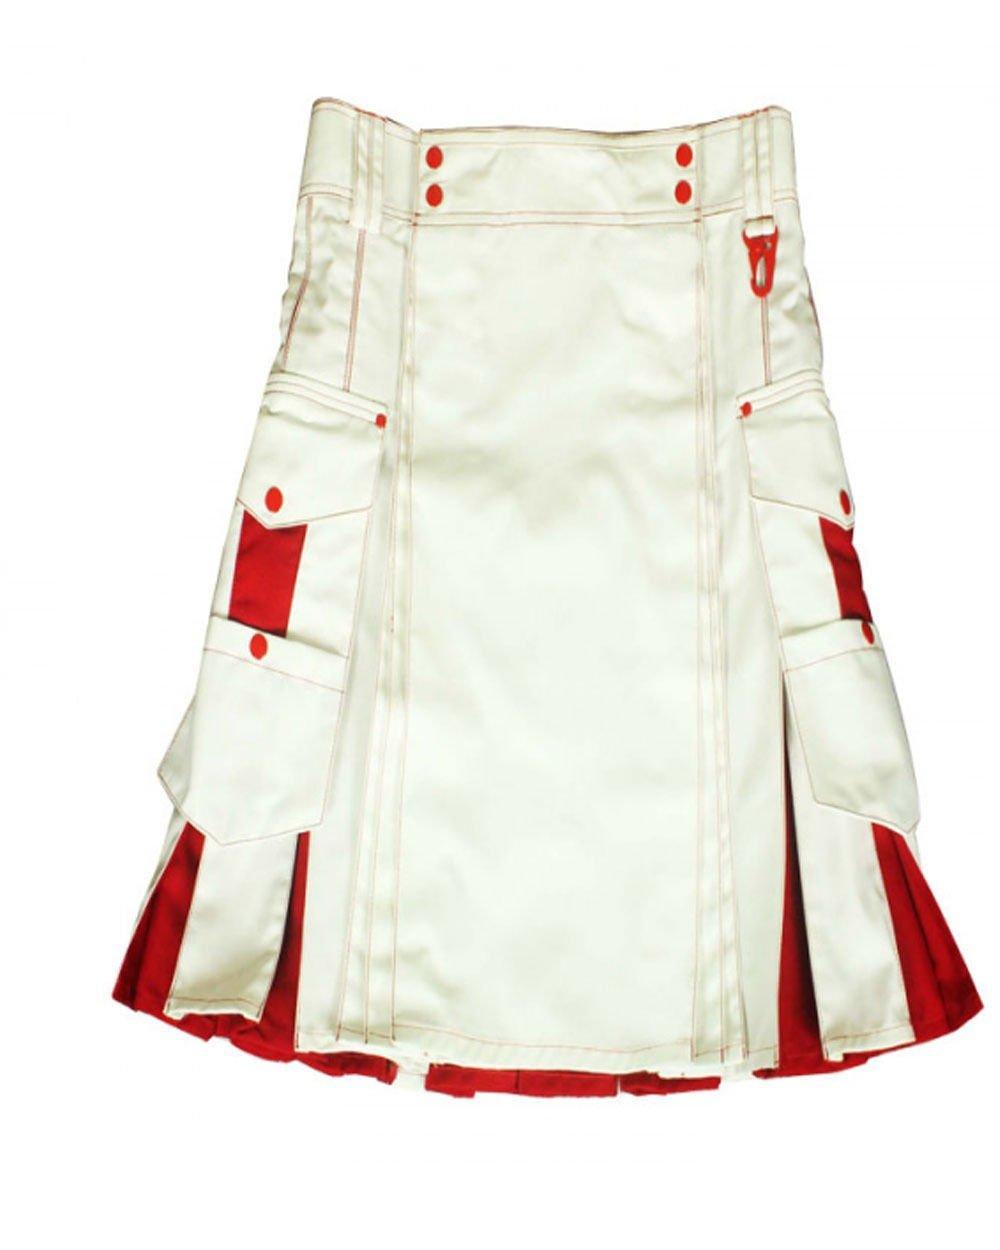 42 Size Handmade White & Red Cotton Kilt for Active Men, Hybrid Cotton Utility Deluxe Kilt